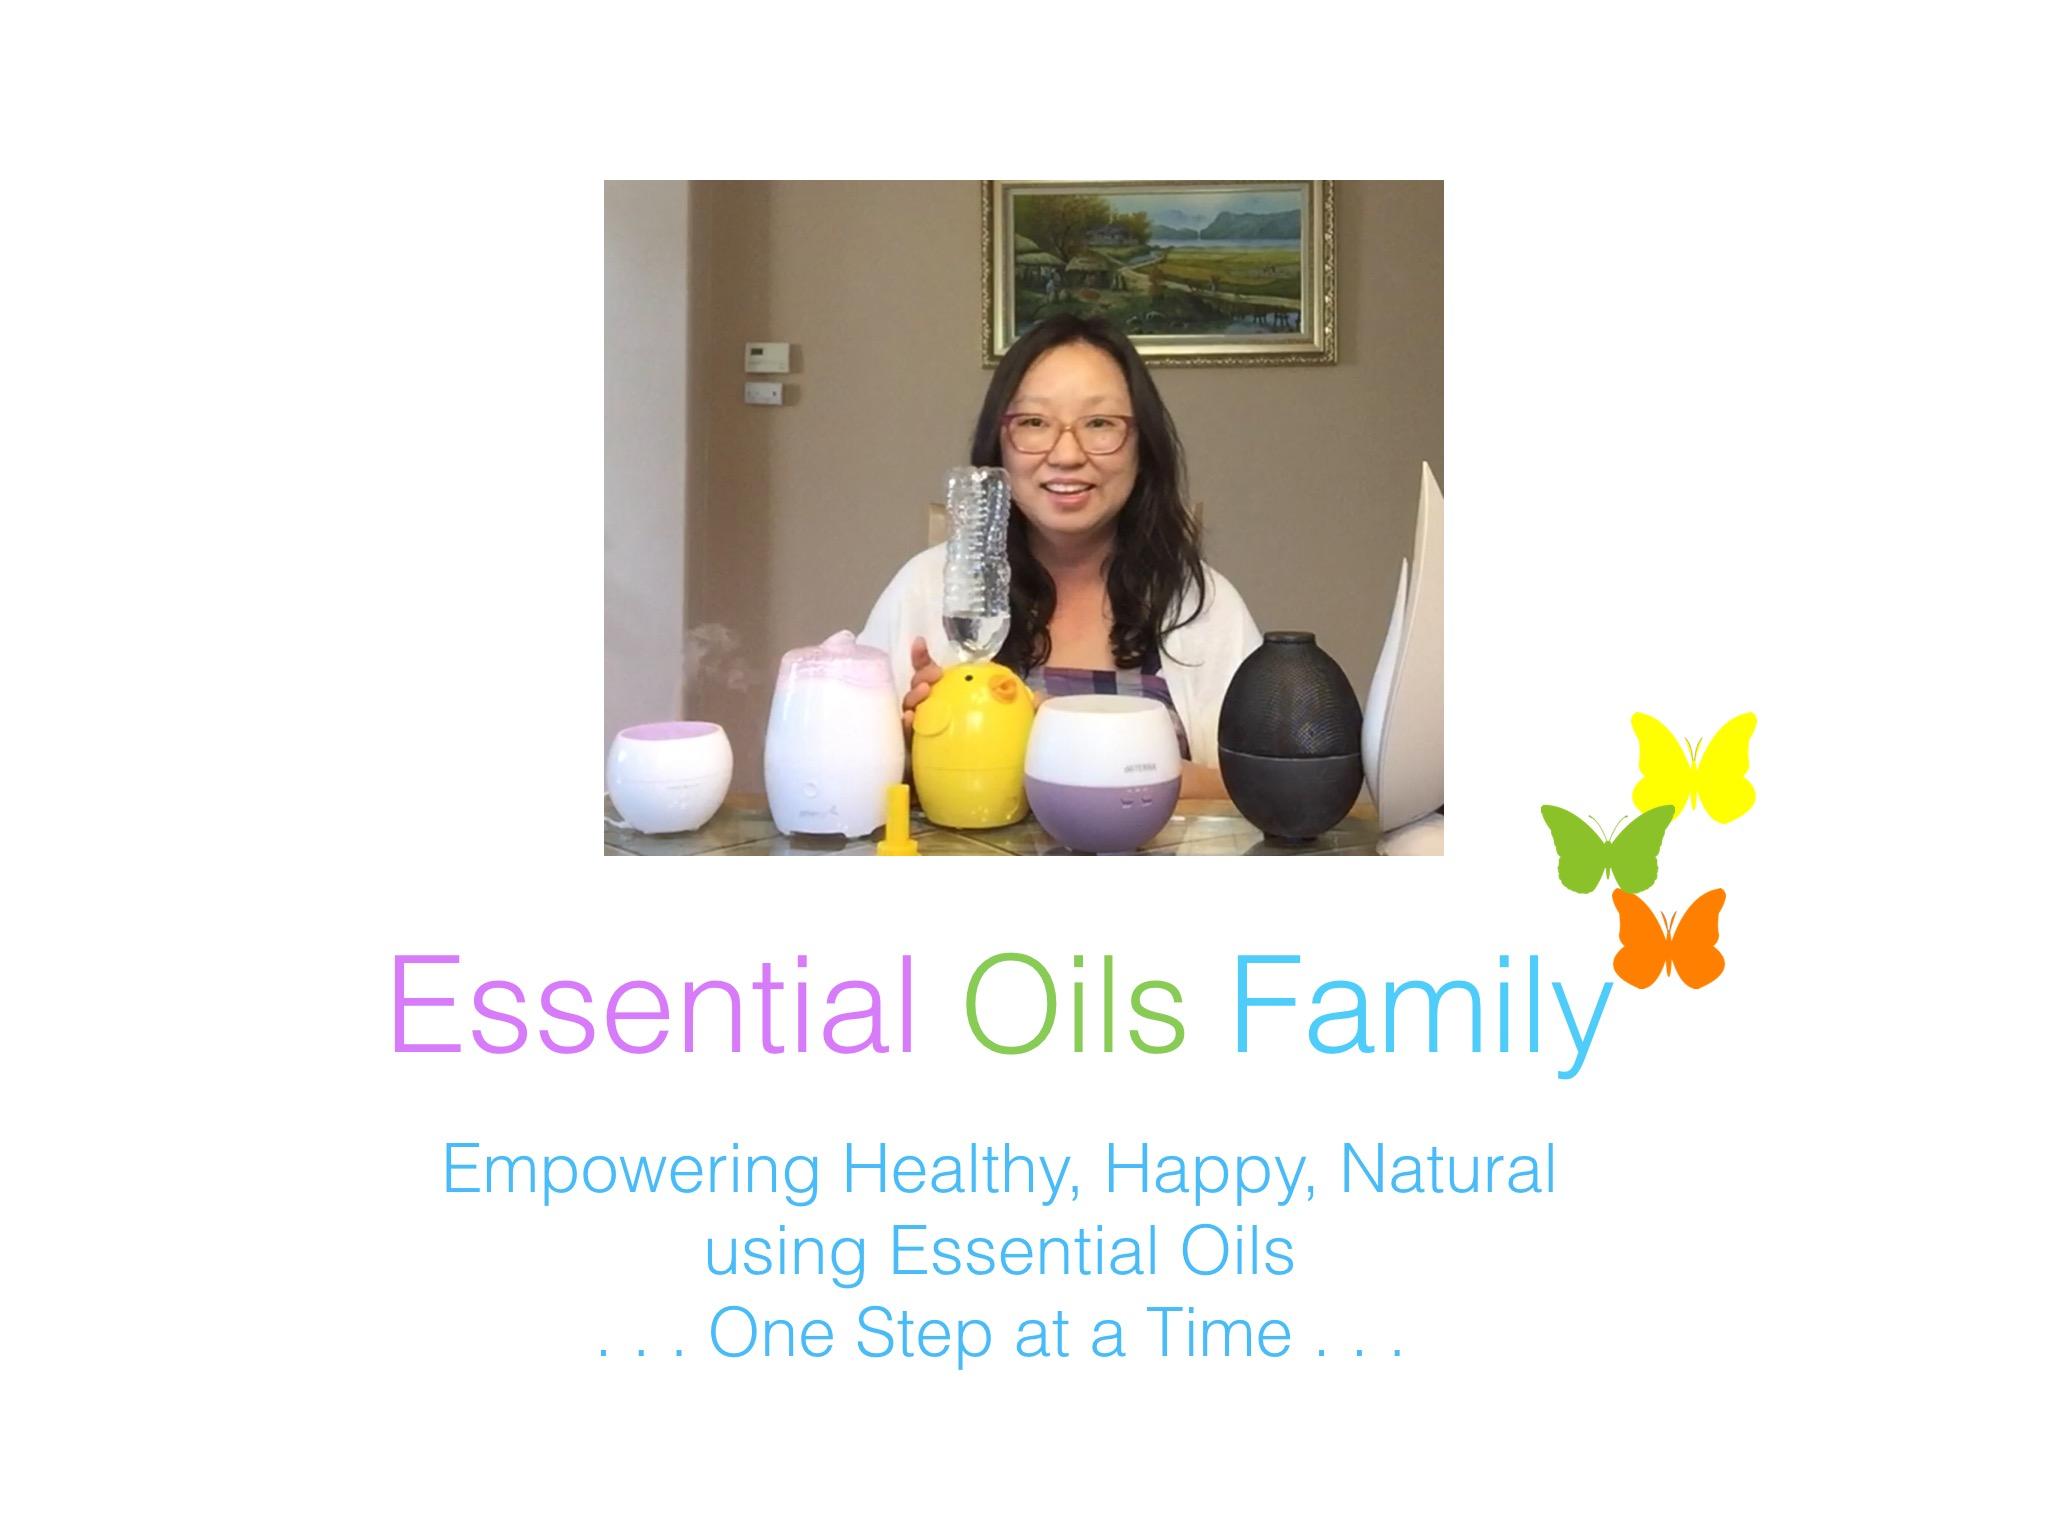 Essential Oils Family